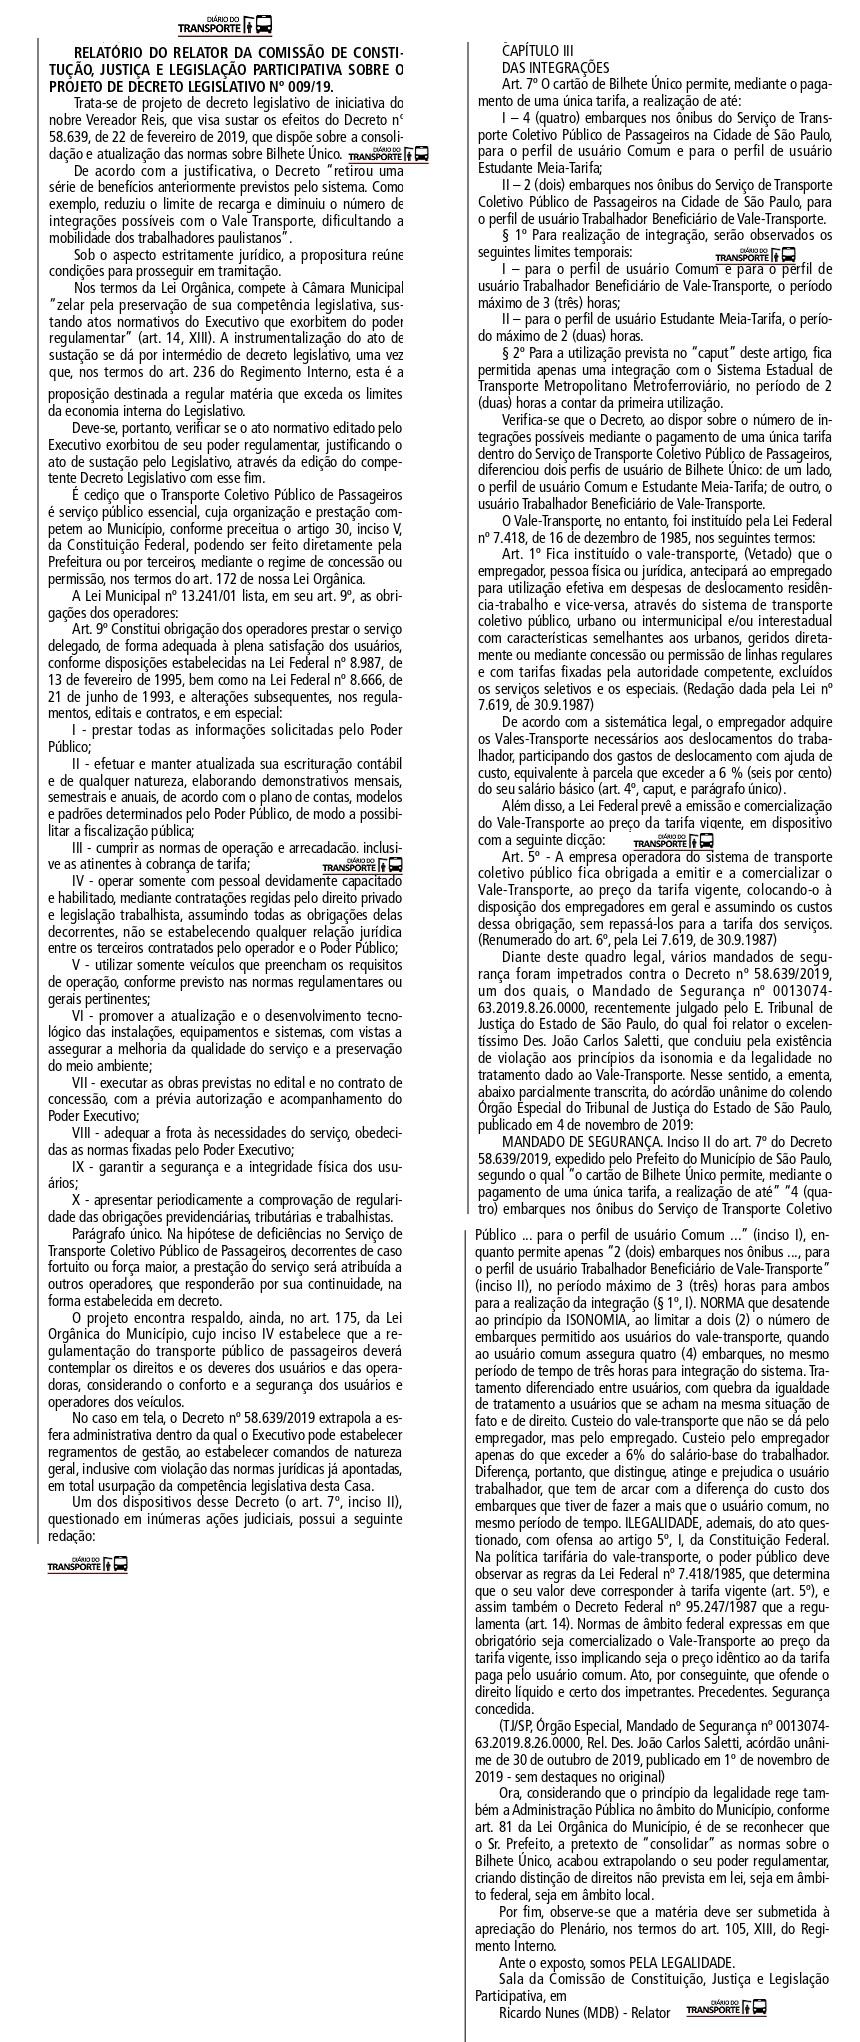 Decreto_BU